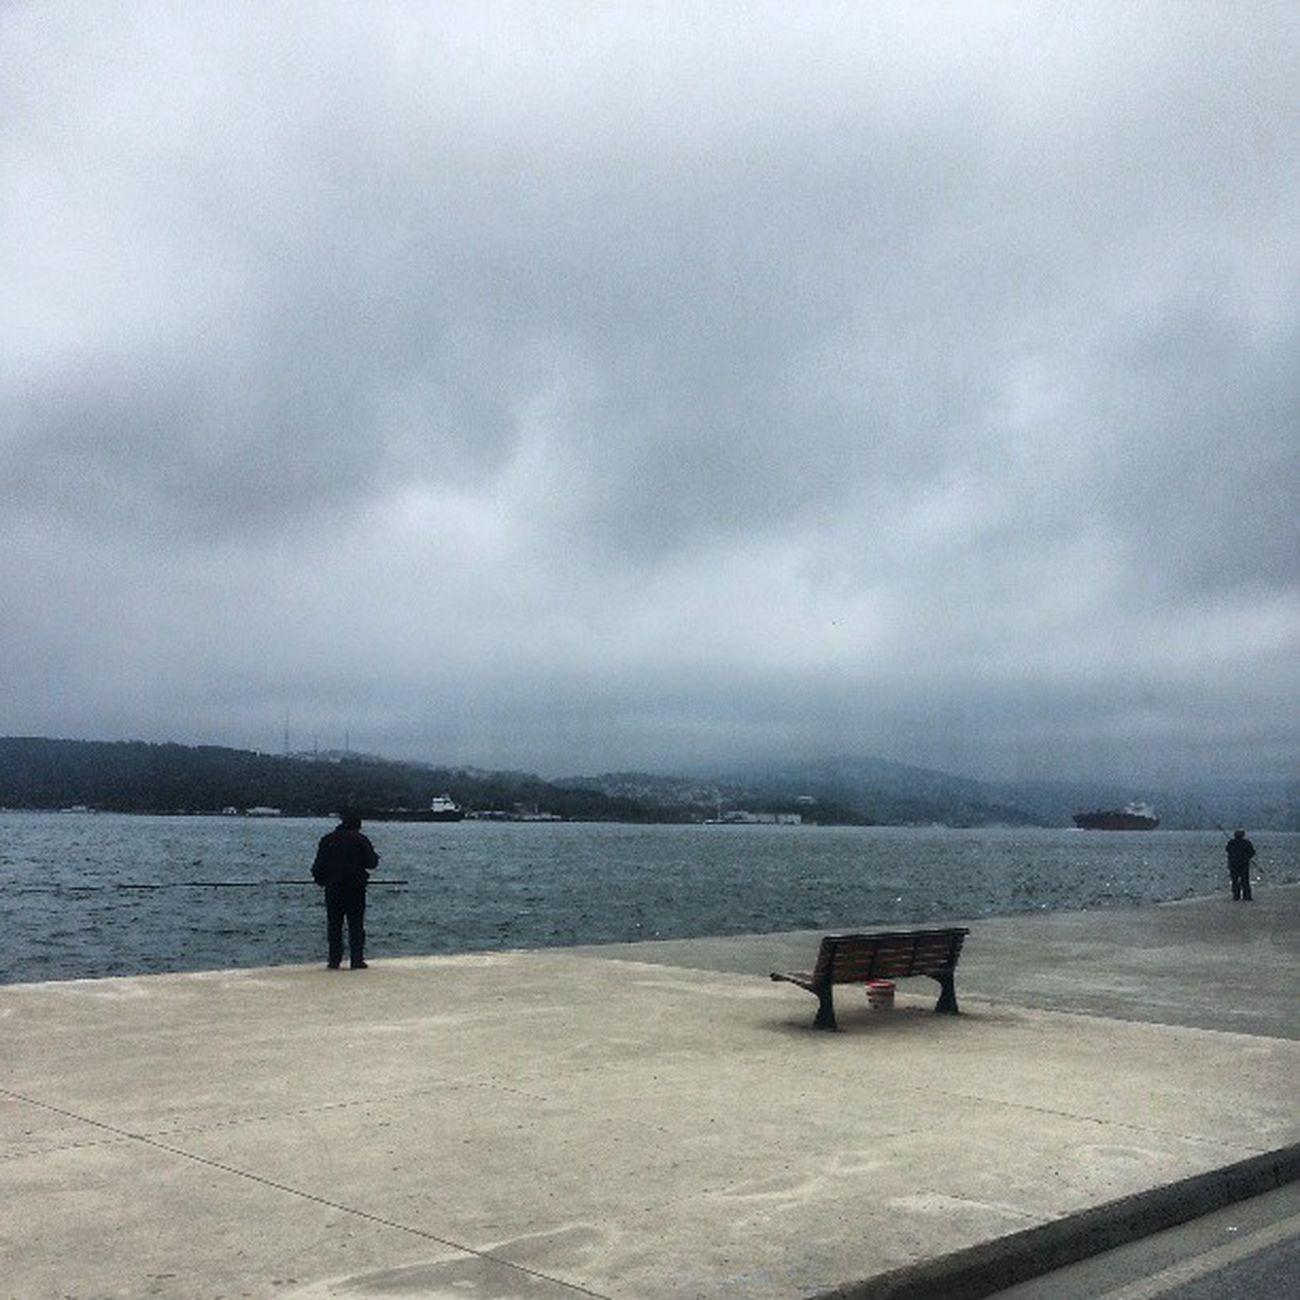 Puslu ve guzel bir gun! Istanbul Instaturk Instadaily Instapod Turkishfollowers Türkiye Igersturkiye Bosphourus Sea Love Daily